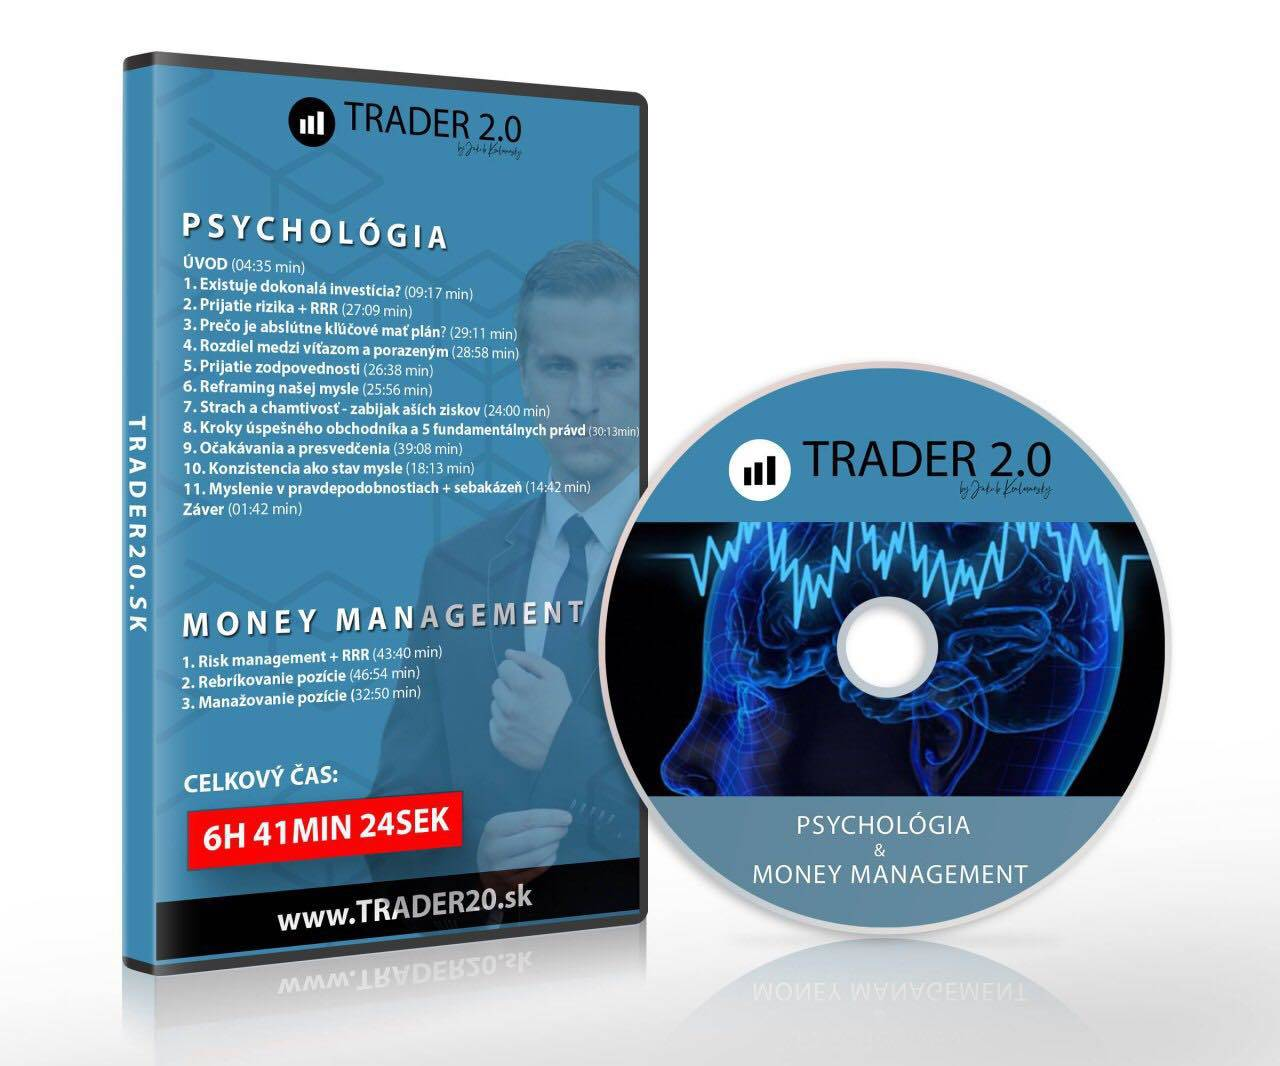 Psychológia - Trader 2.0